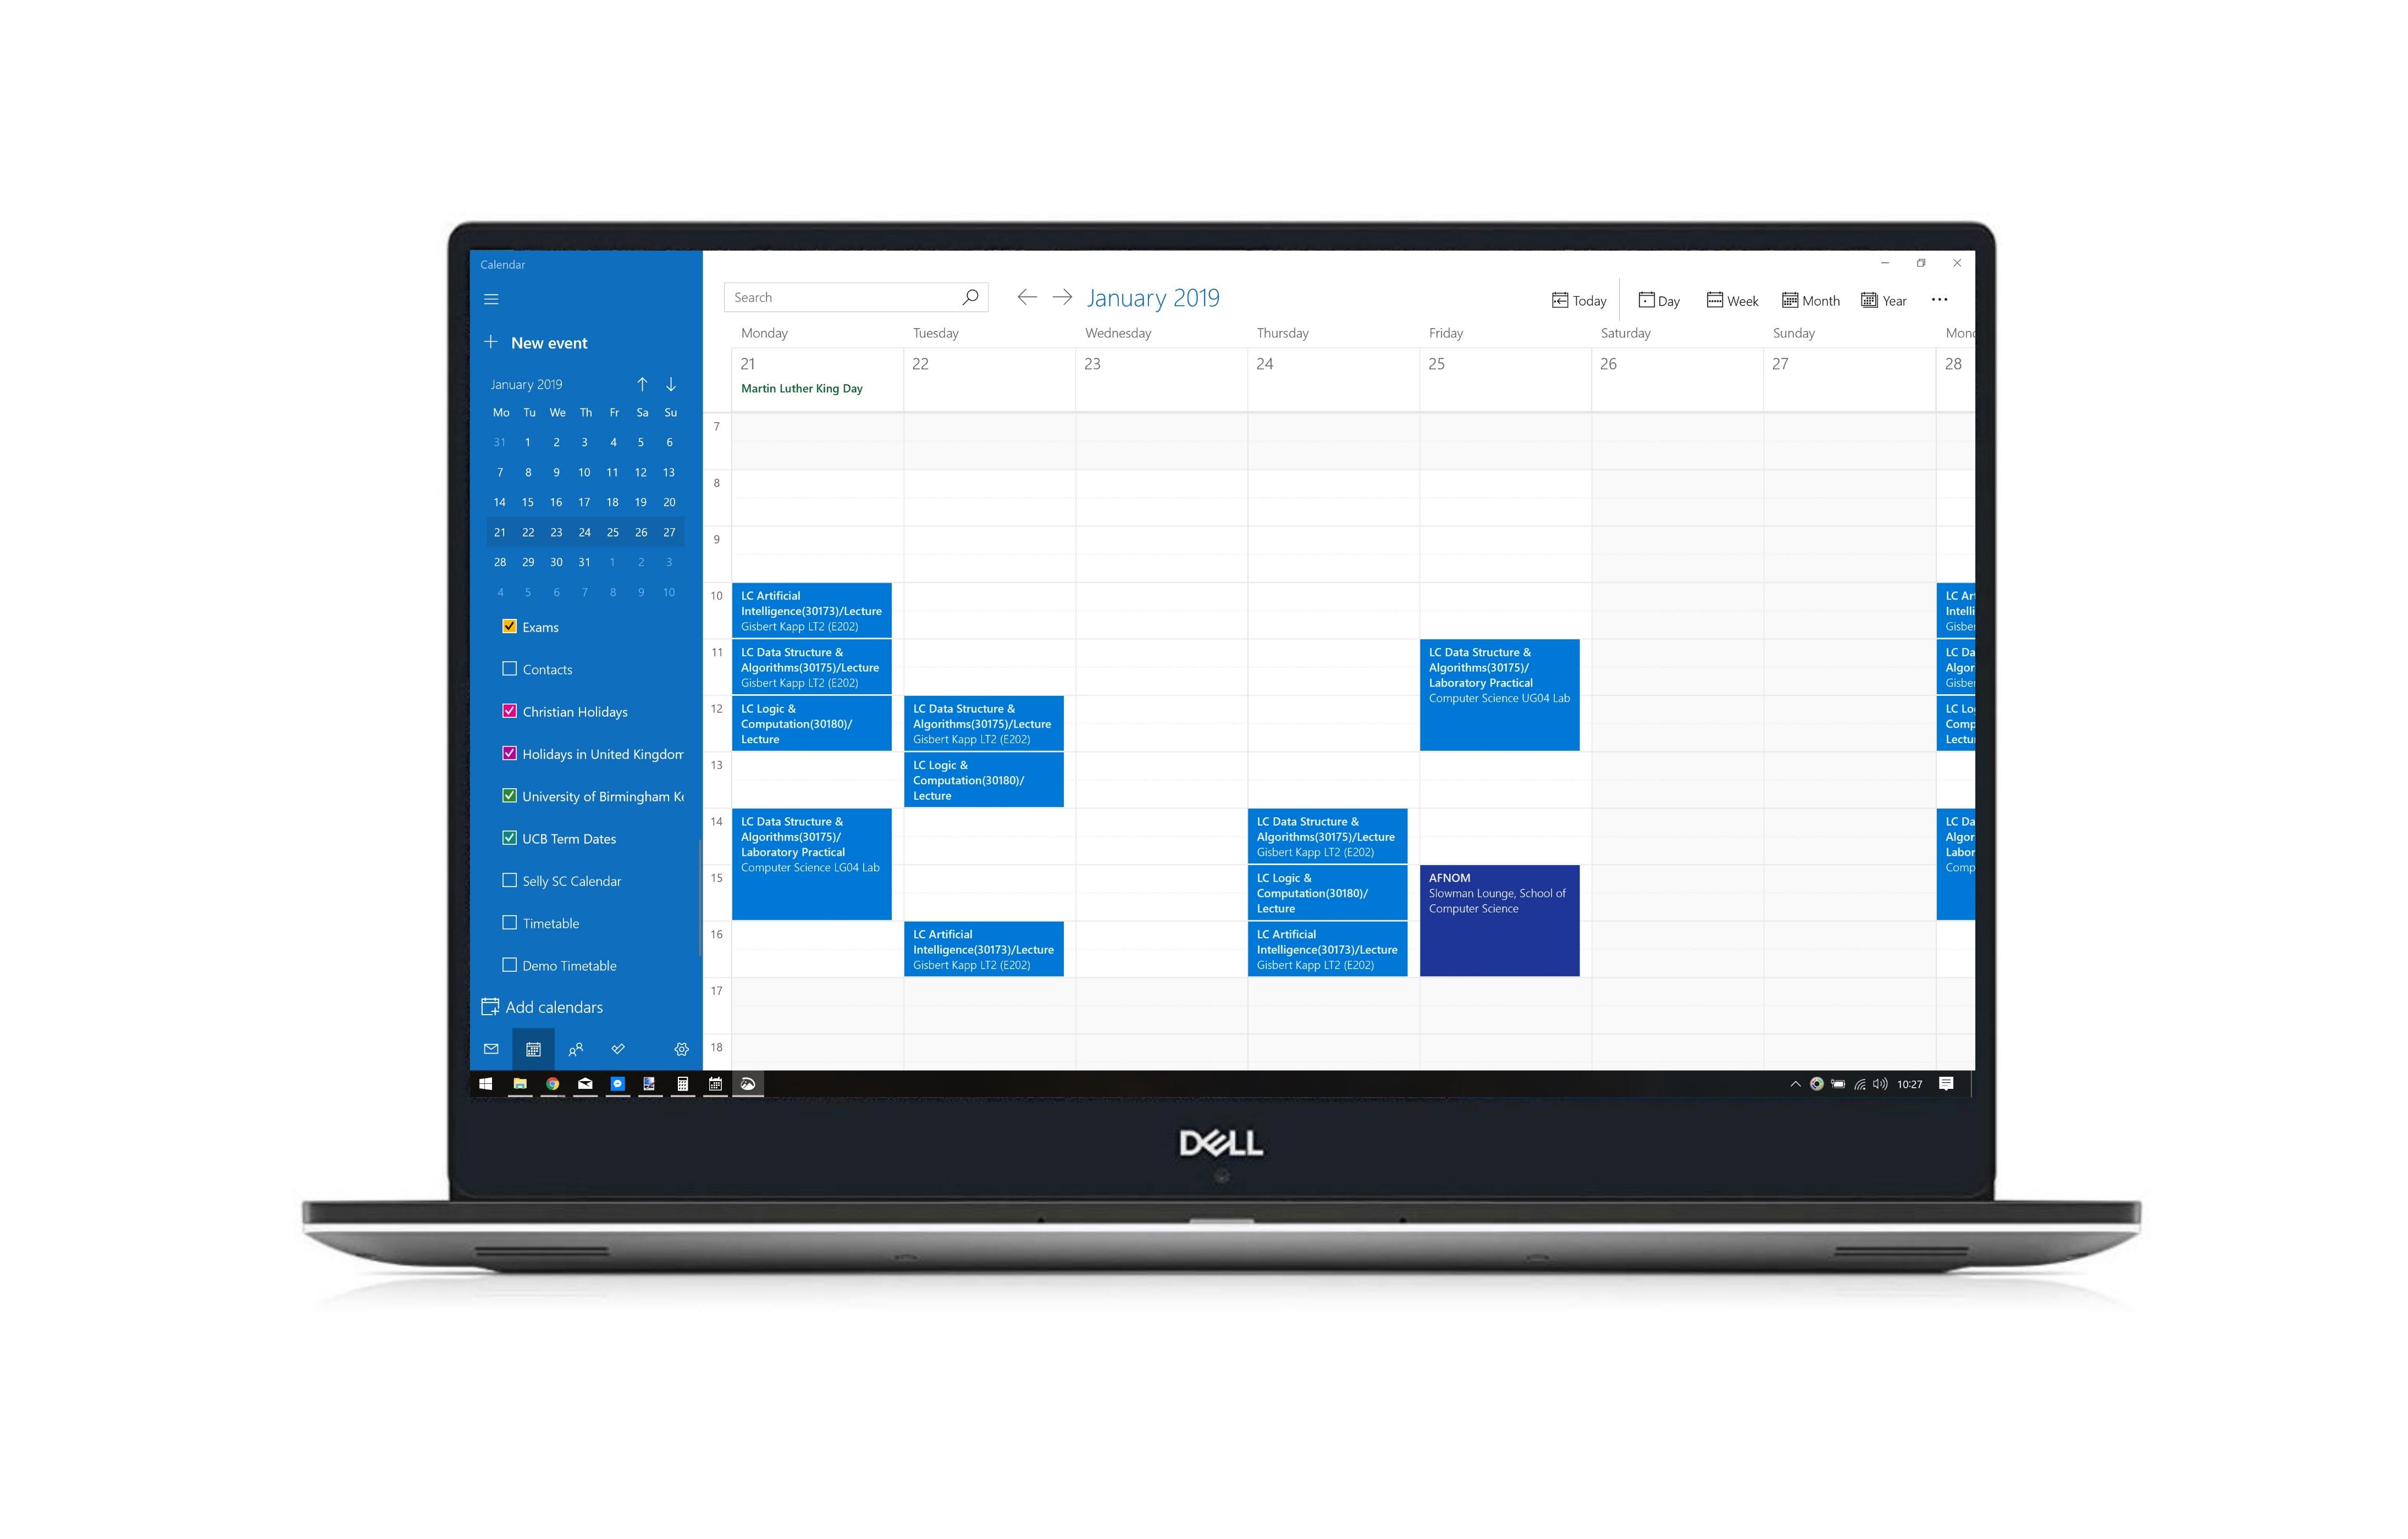 Dell XPS screenshot